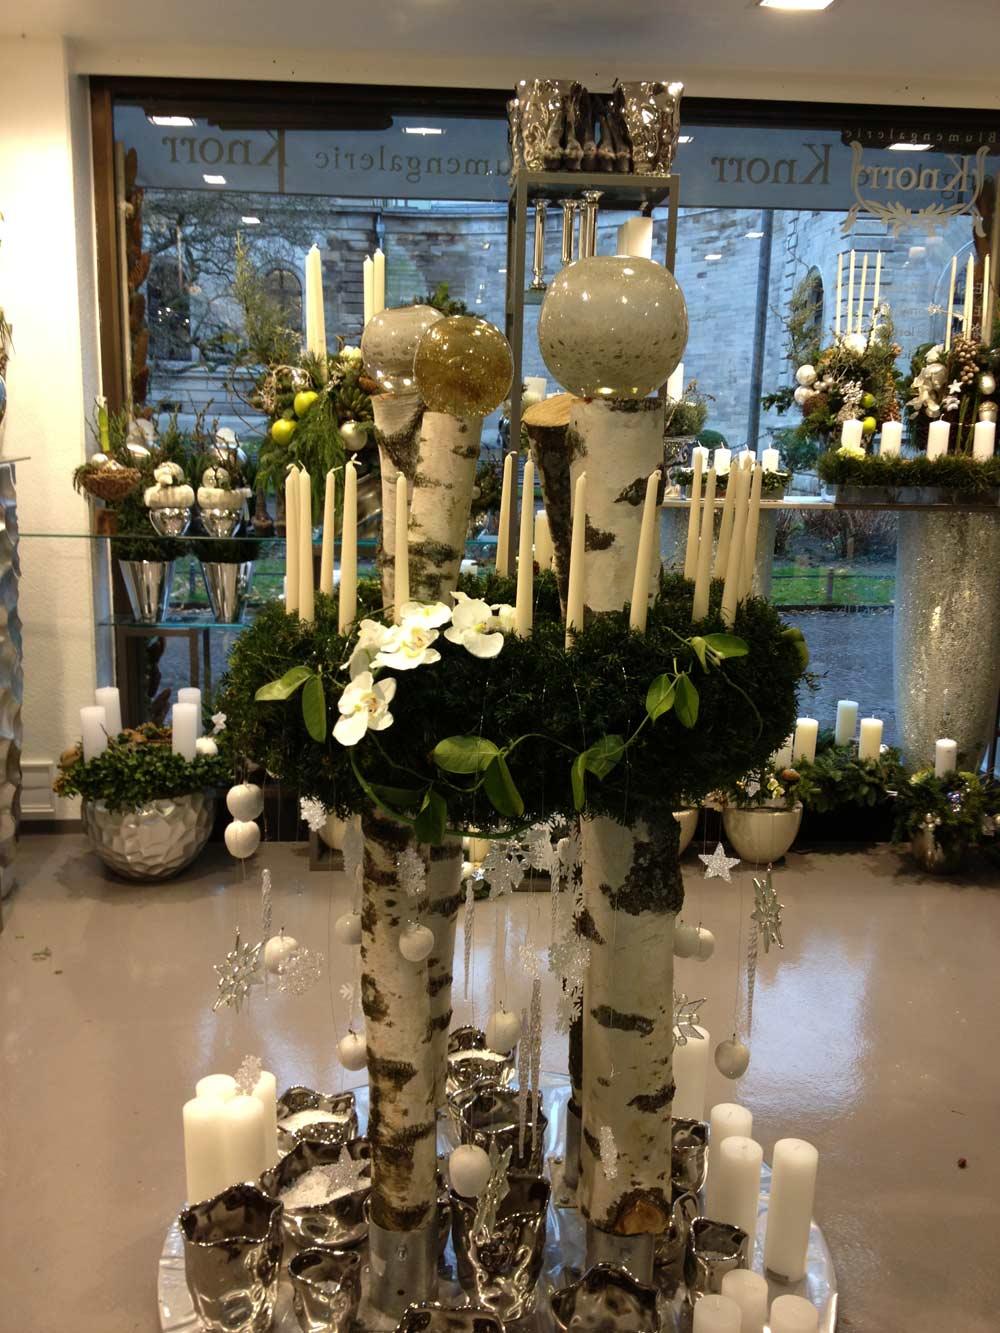 events und ausstellungen blumengalerie knorr blumengalerie knorr baden badenblumengalerie. Black Bedroom Furniture Sets. Home Design Ideas